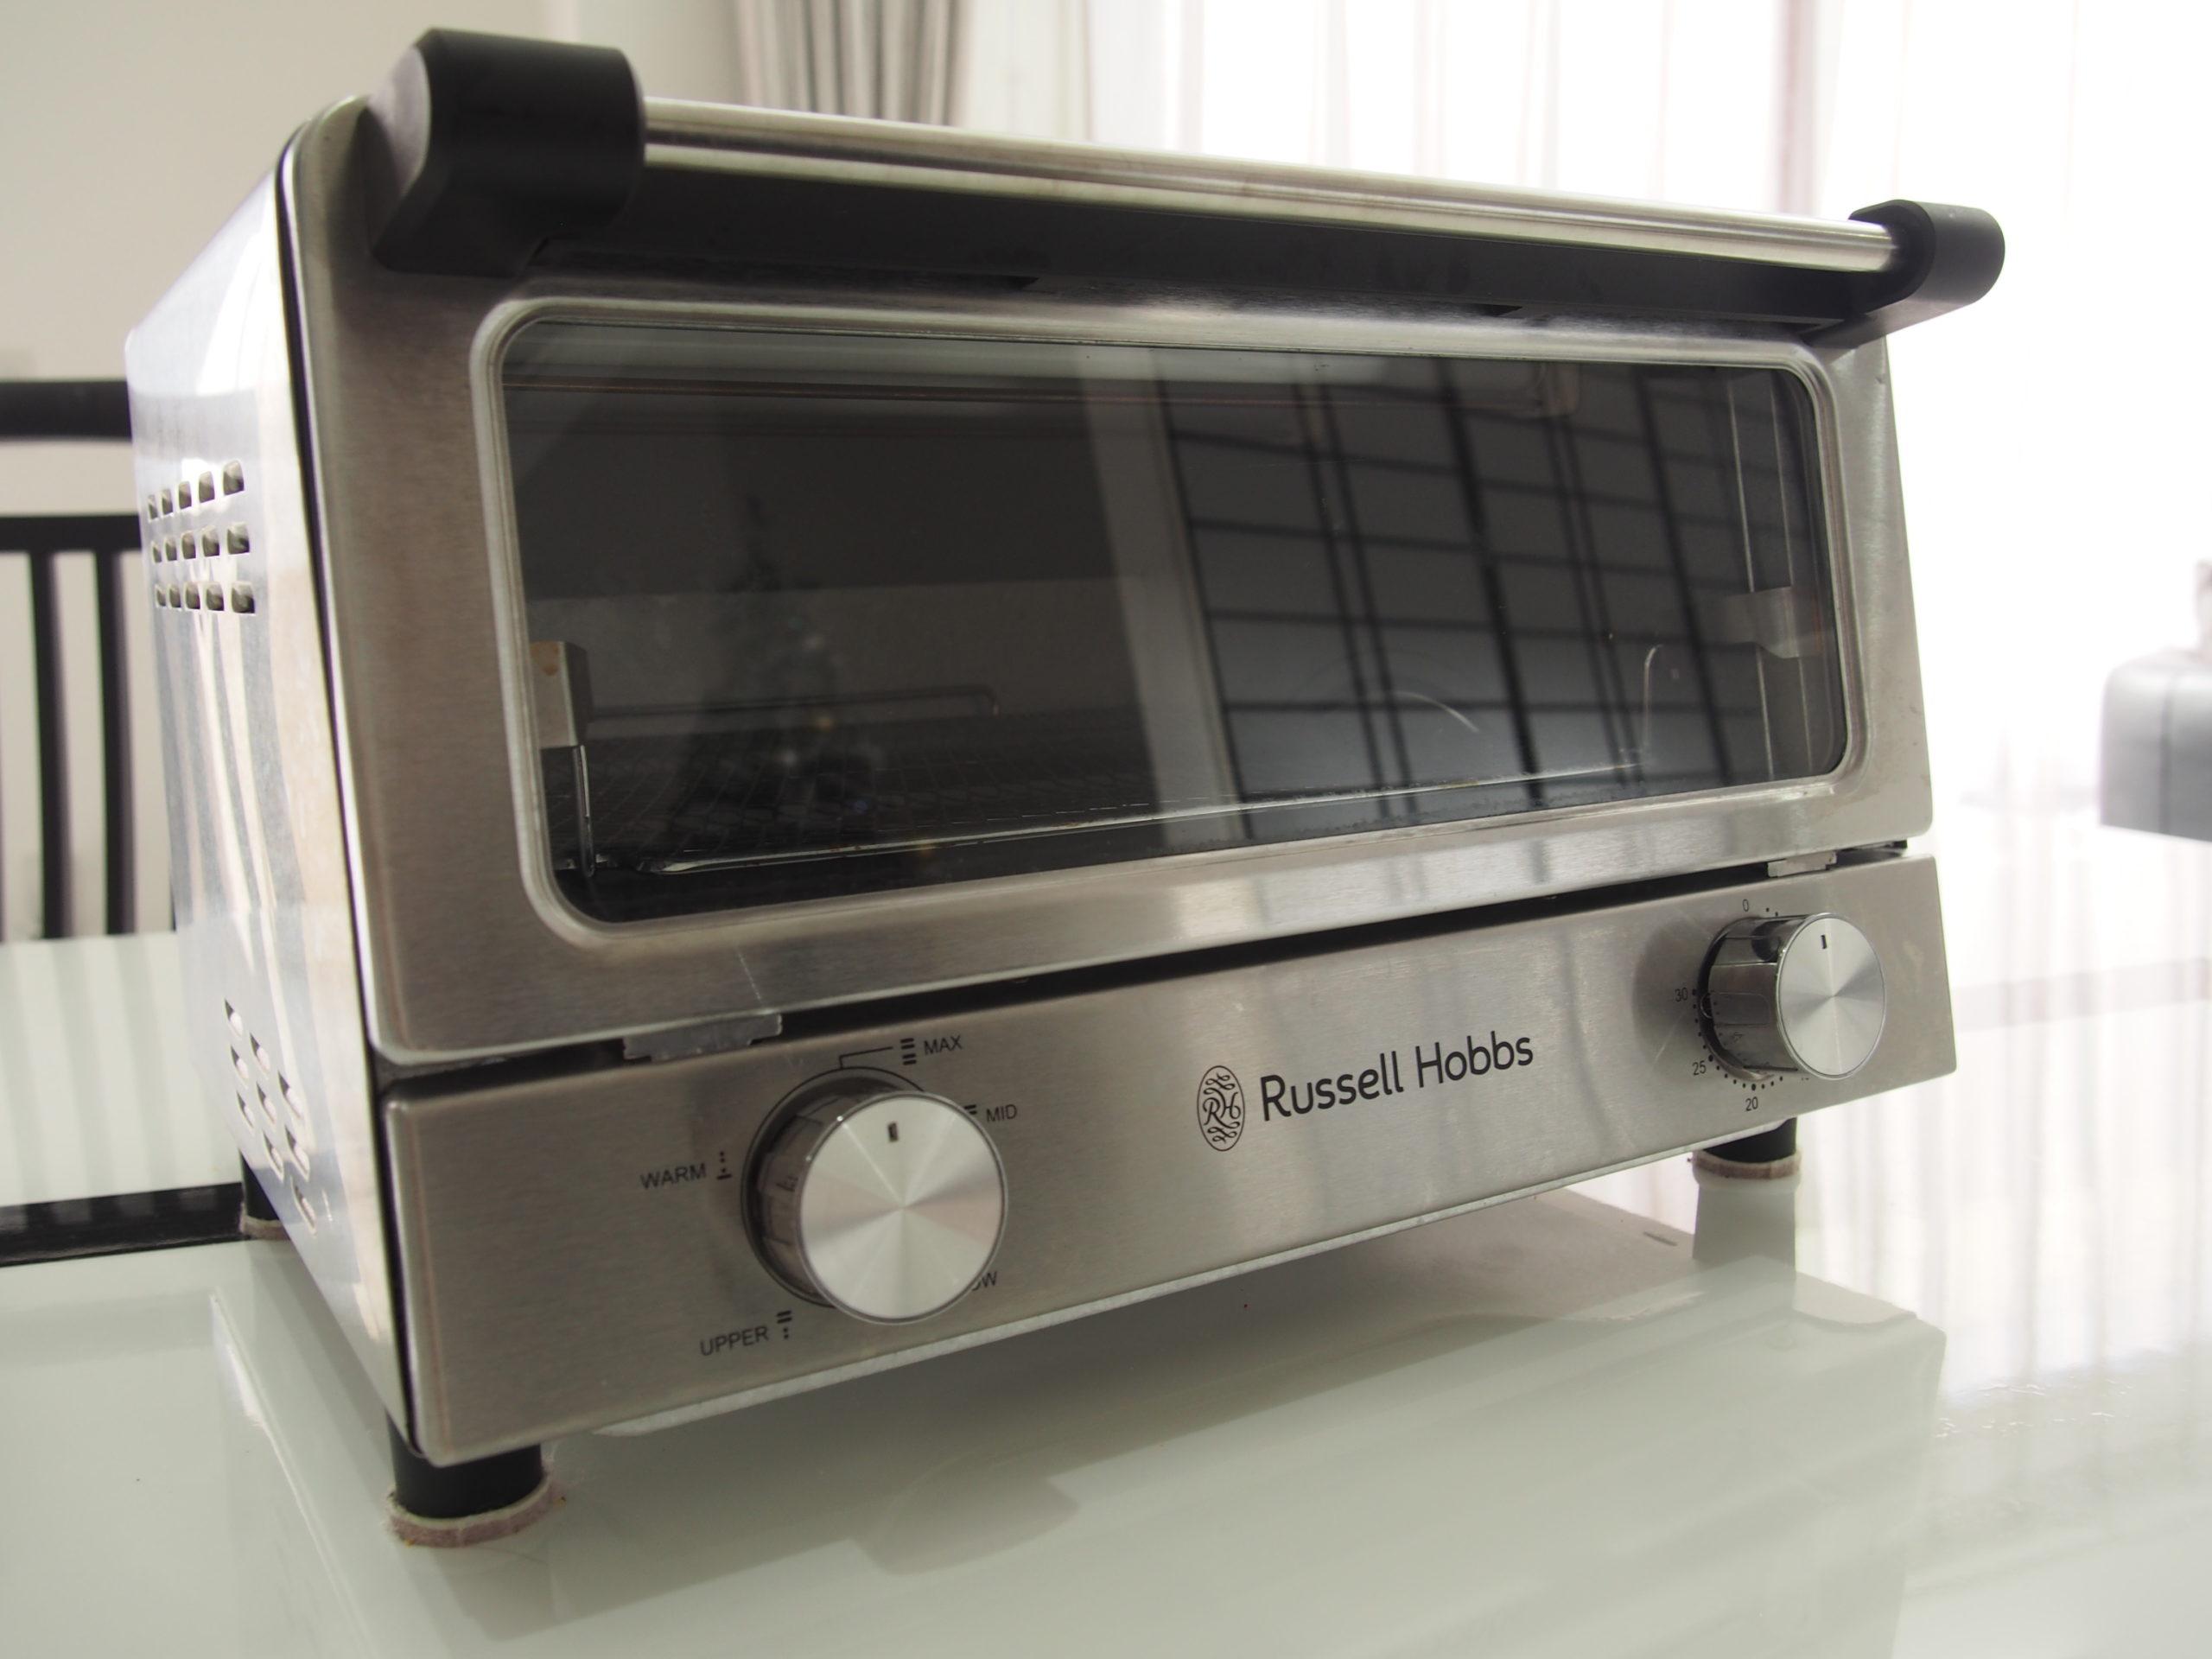 ラッセルホブスのオーブントースターの使い方は?温度調整や掃除方法も紹介!